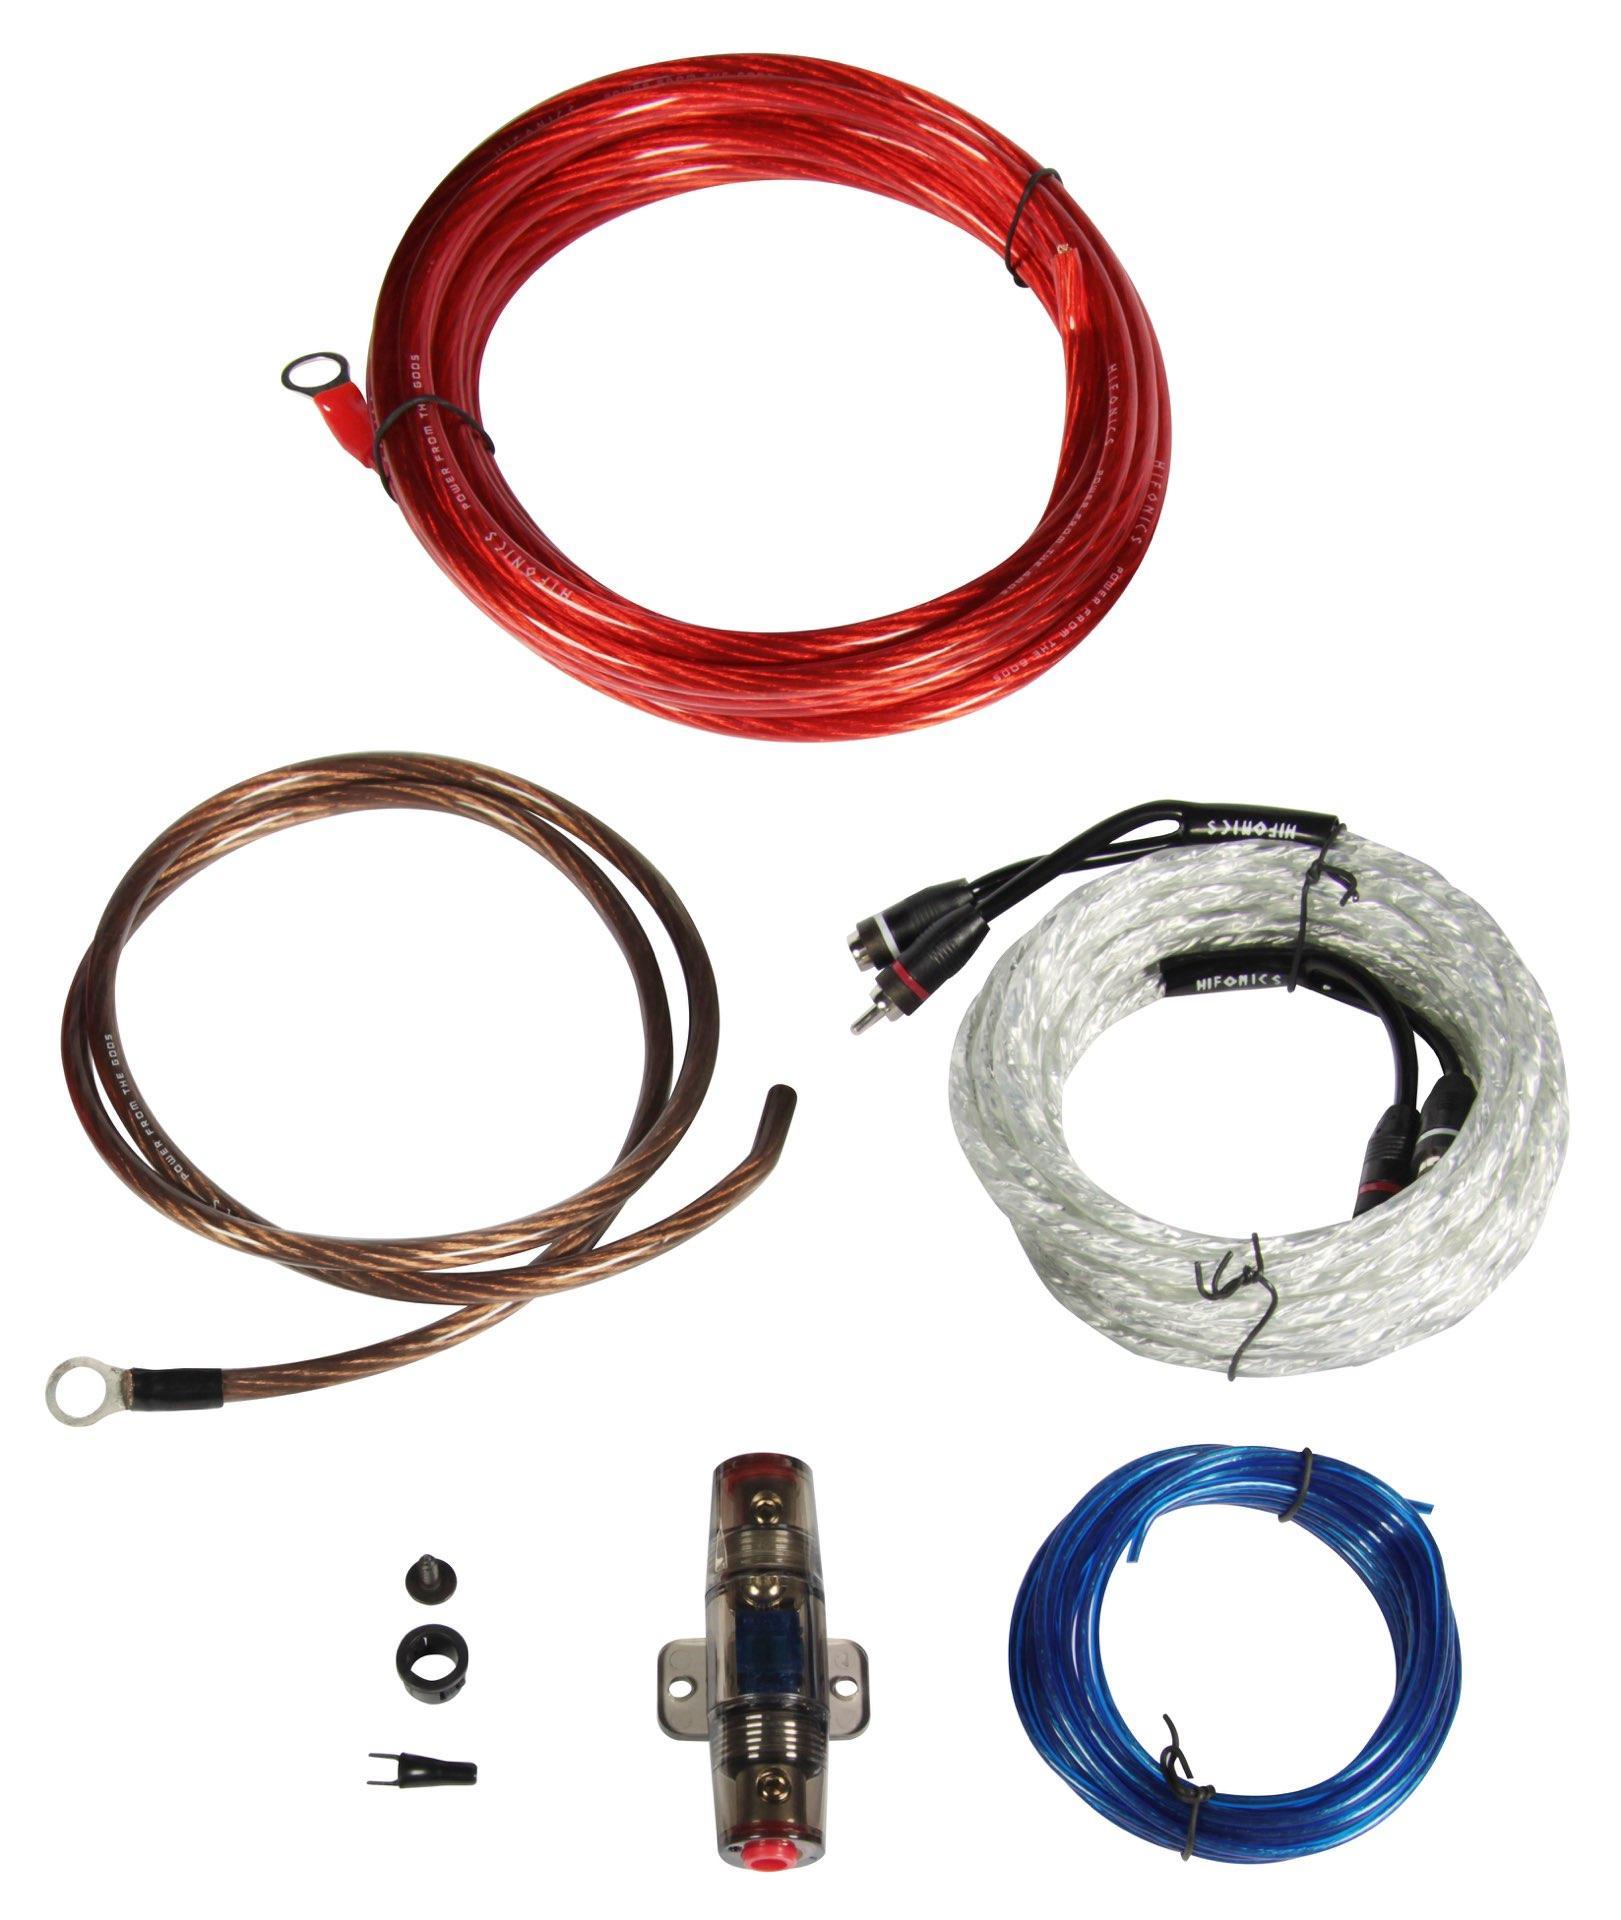 Kit de instalación para amplificador HF10WK-ECO HIFONICS HF10WK-ECO en calidad original